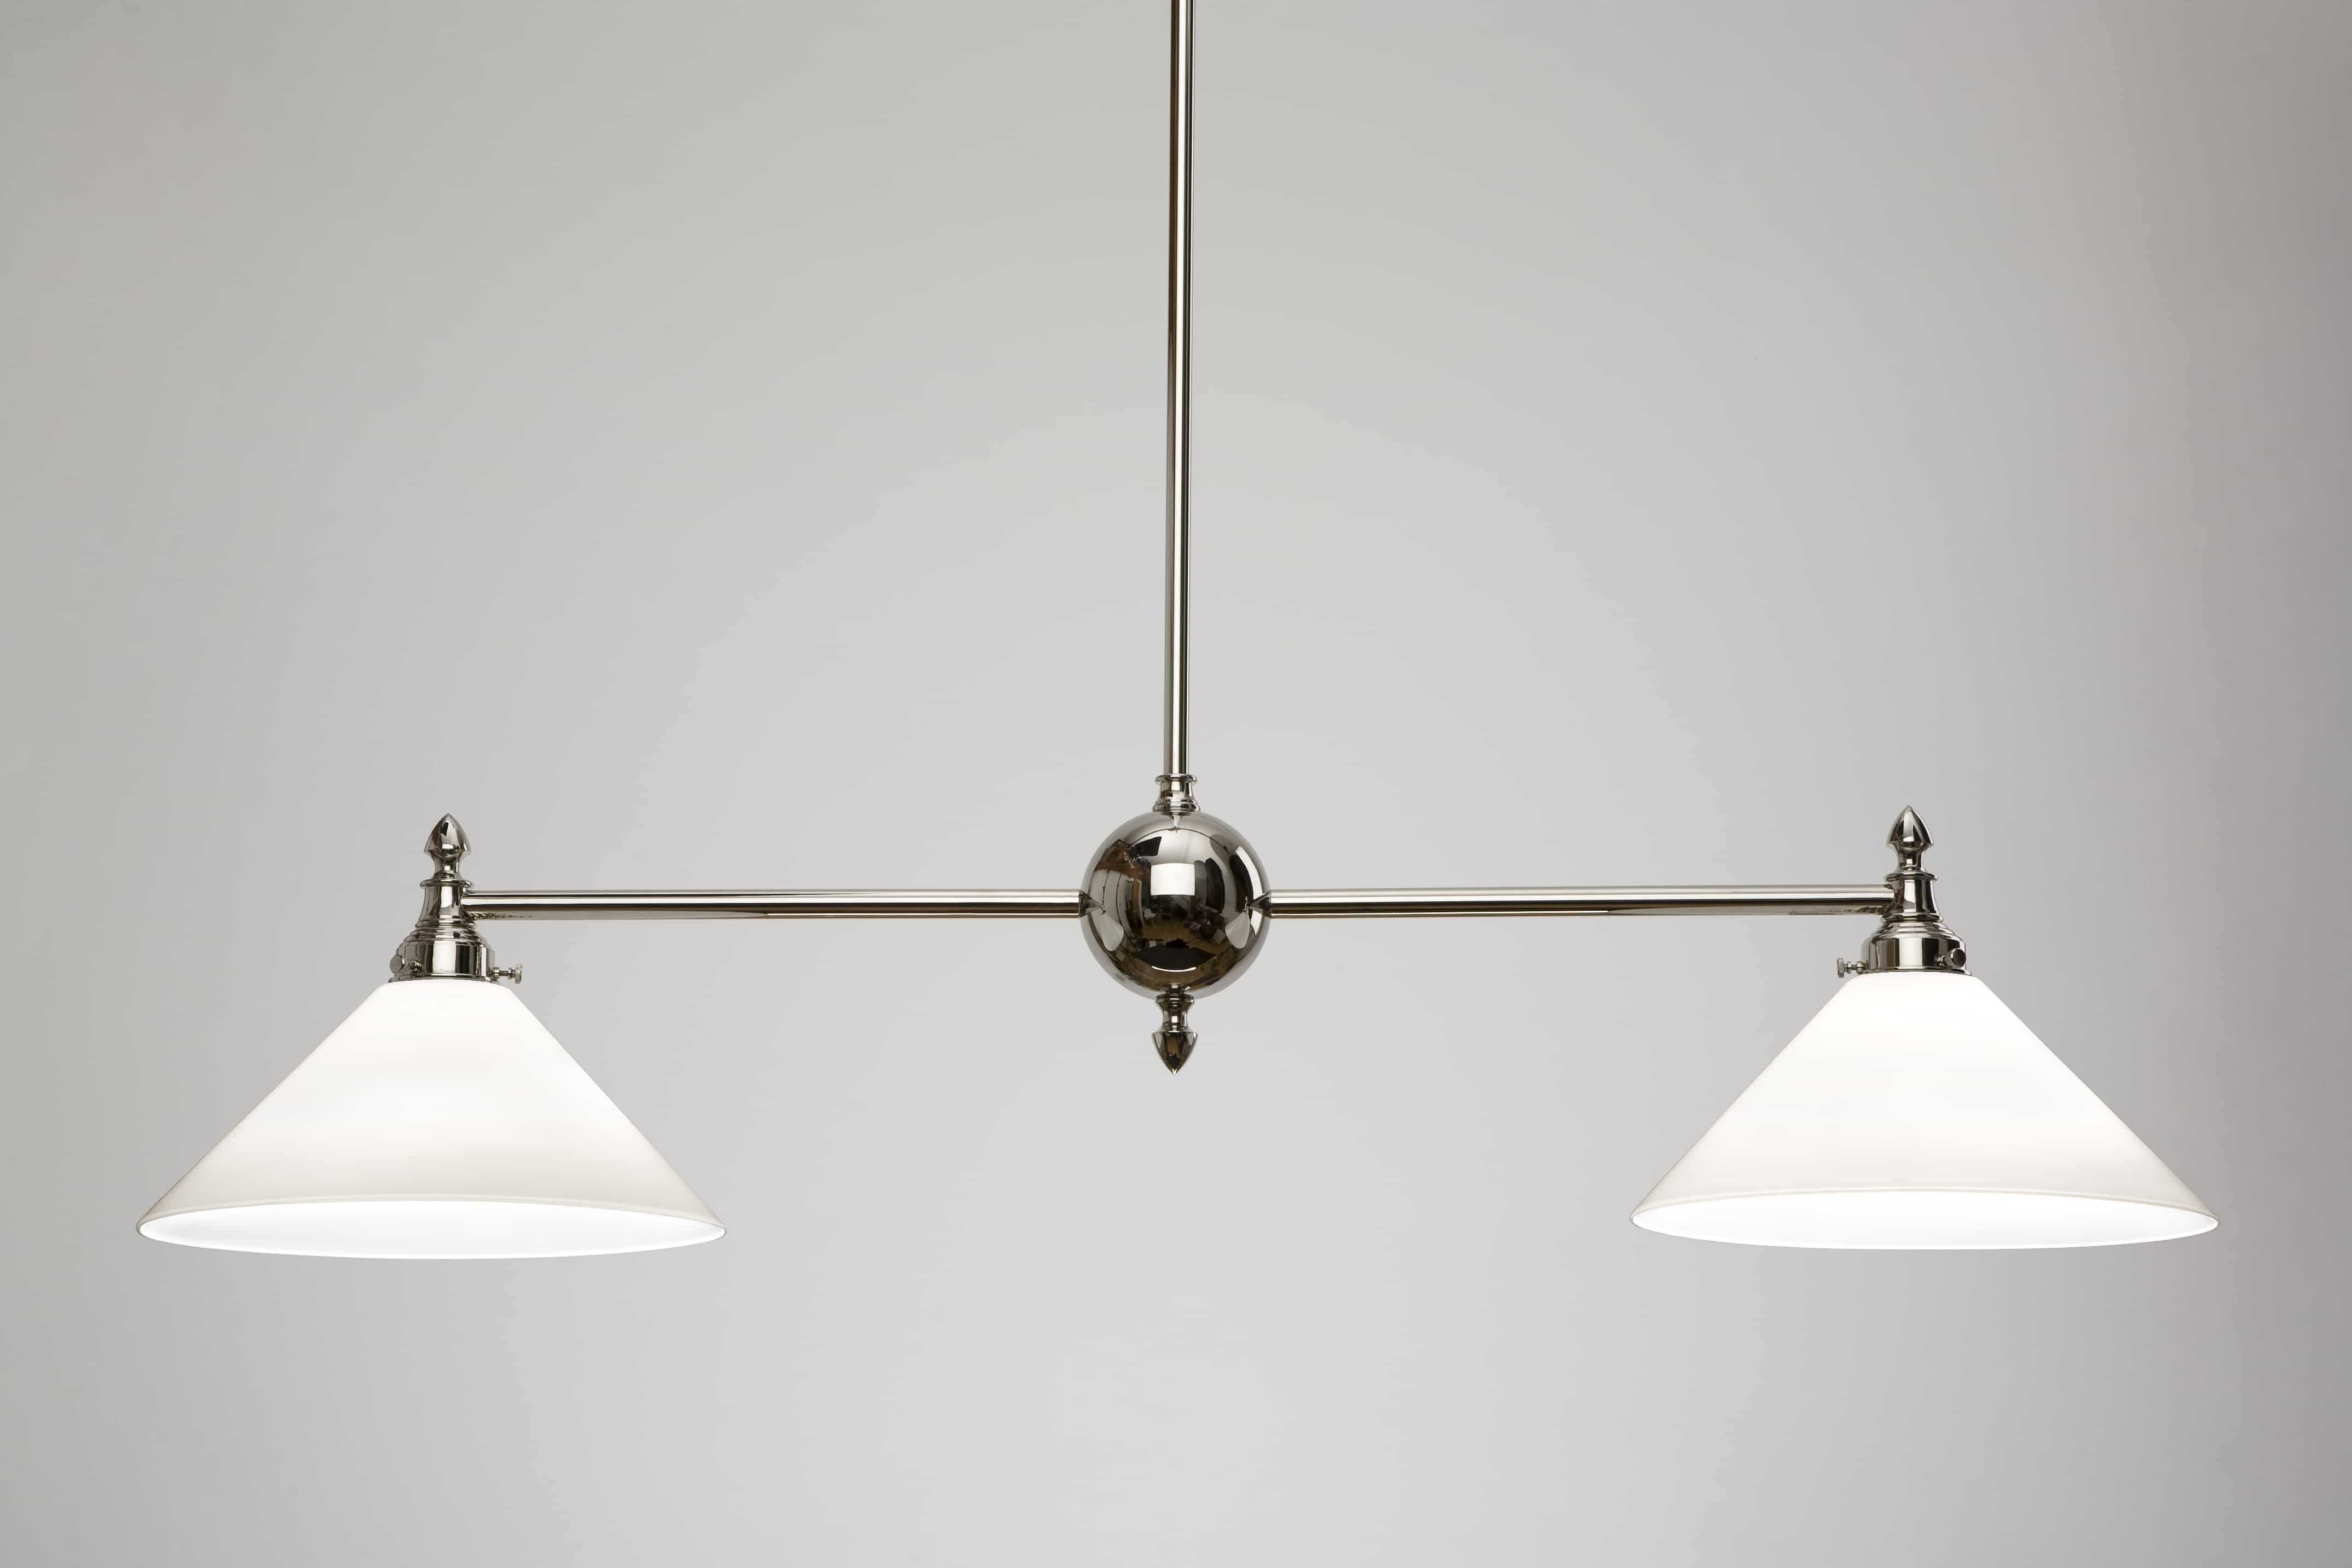 Jan-Best-hanglamp-messing-chroom-biljartlamp-horeca-verlichting-klassieke-verlichting-nostalgische-verlichting-aalsmeer